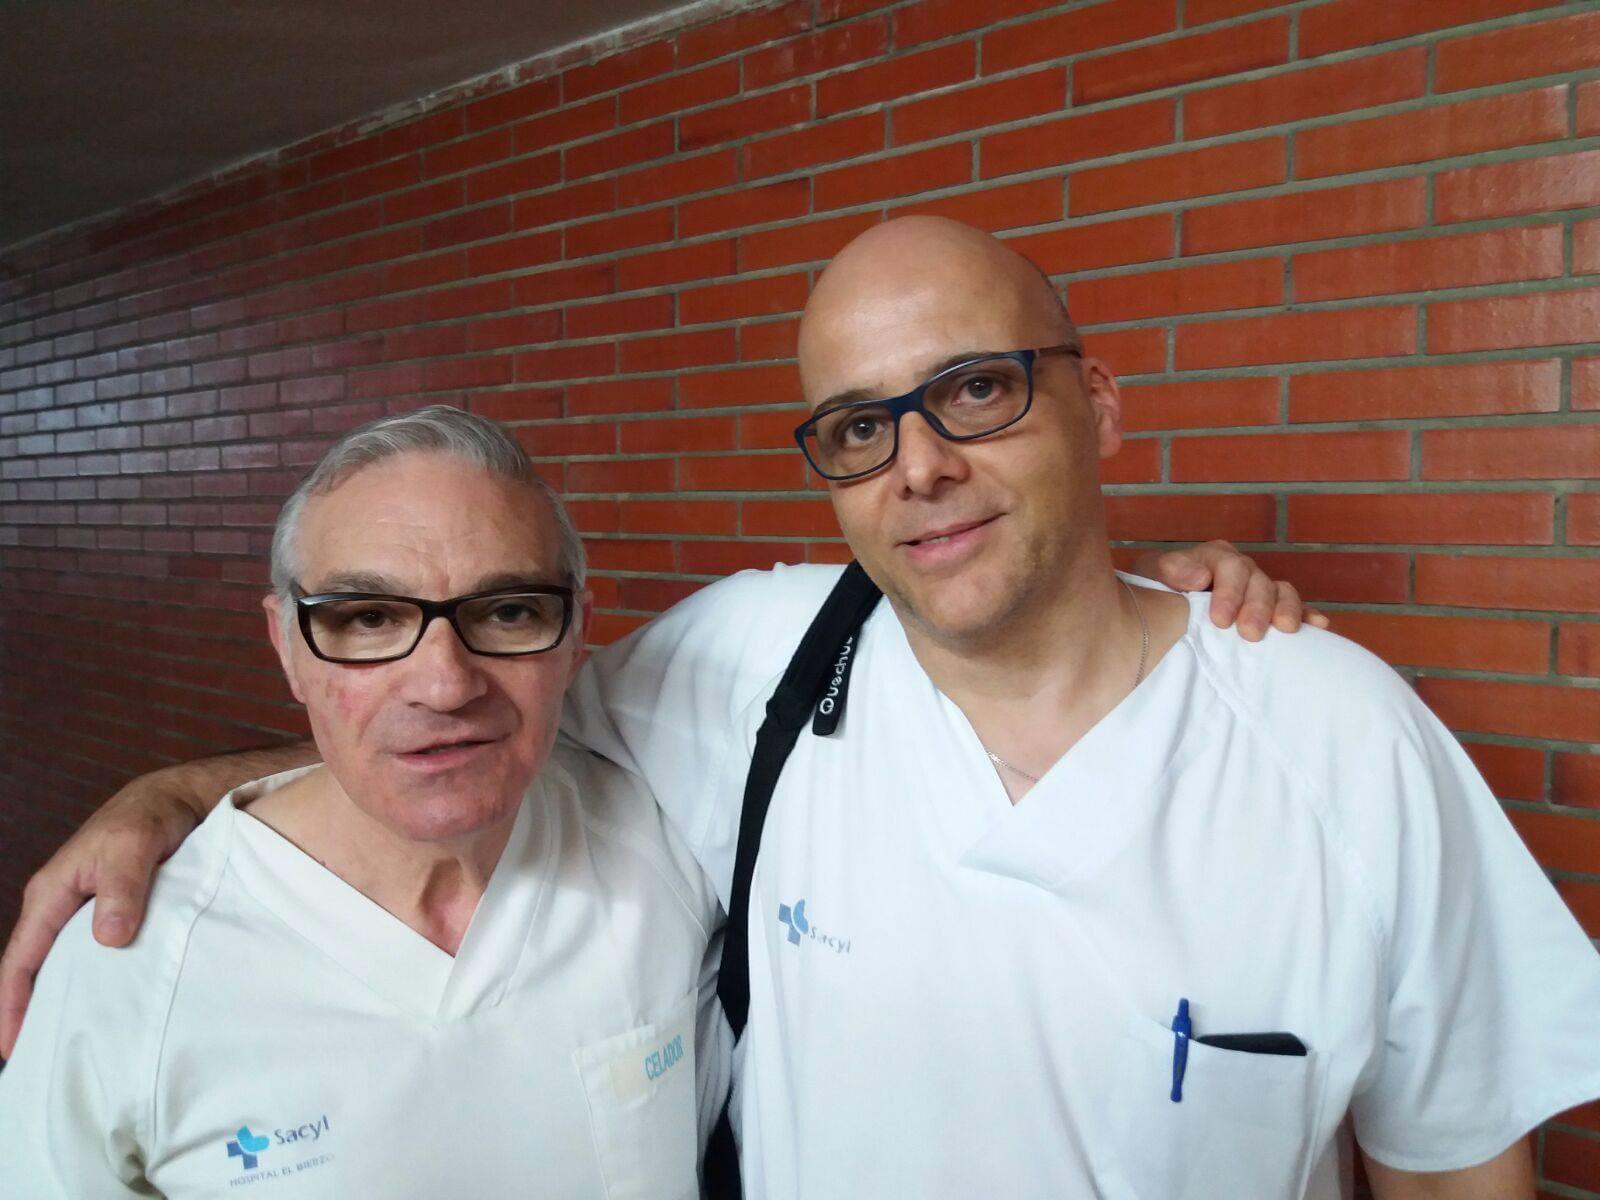 Roberto San Sebastián, Celador en el Hospital del Bierzo 'Tenemos unos profesionales sanitarios que son unos jabatos' 2